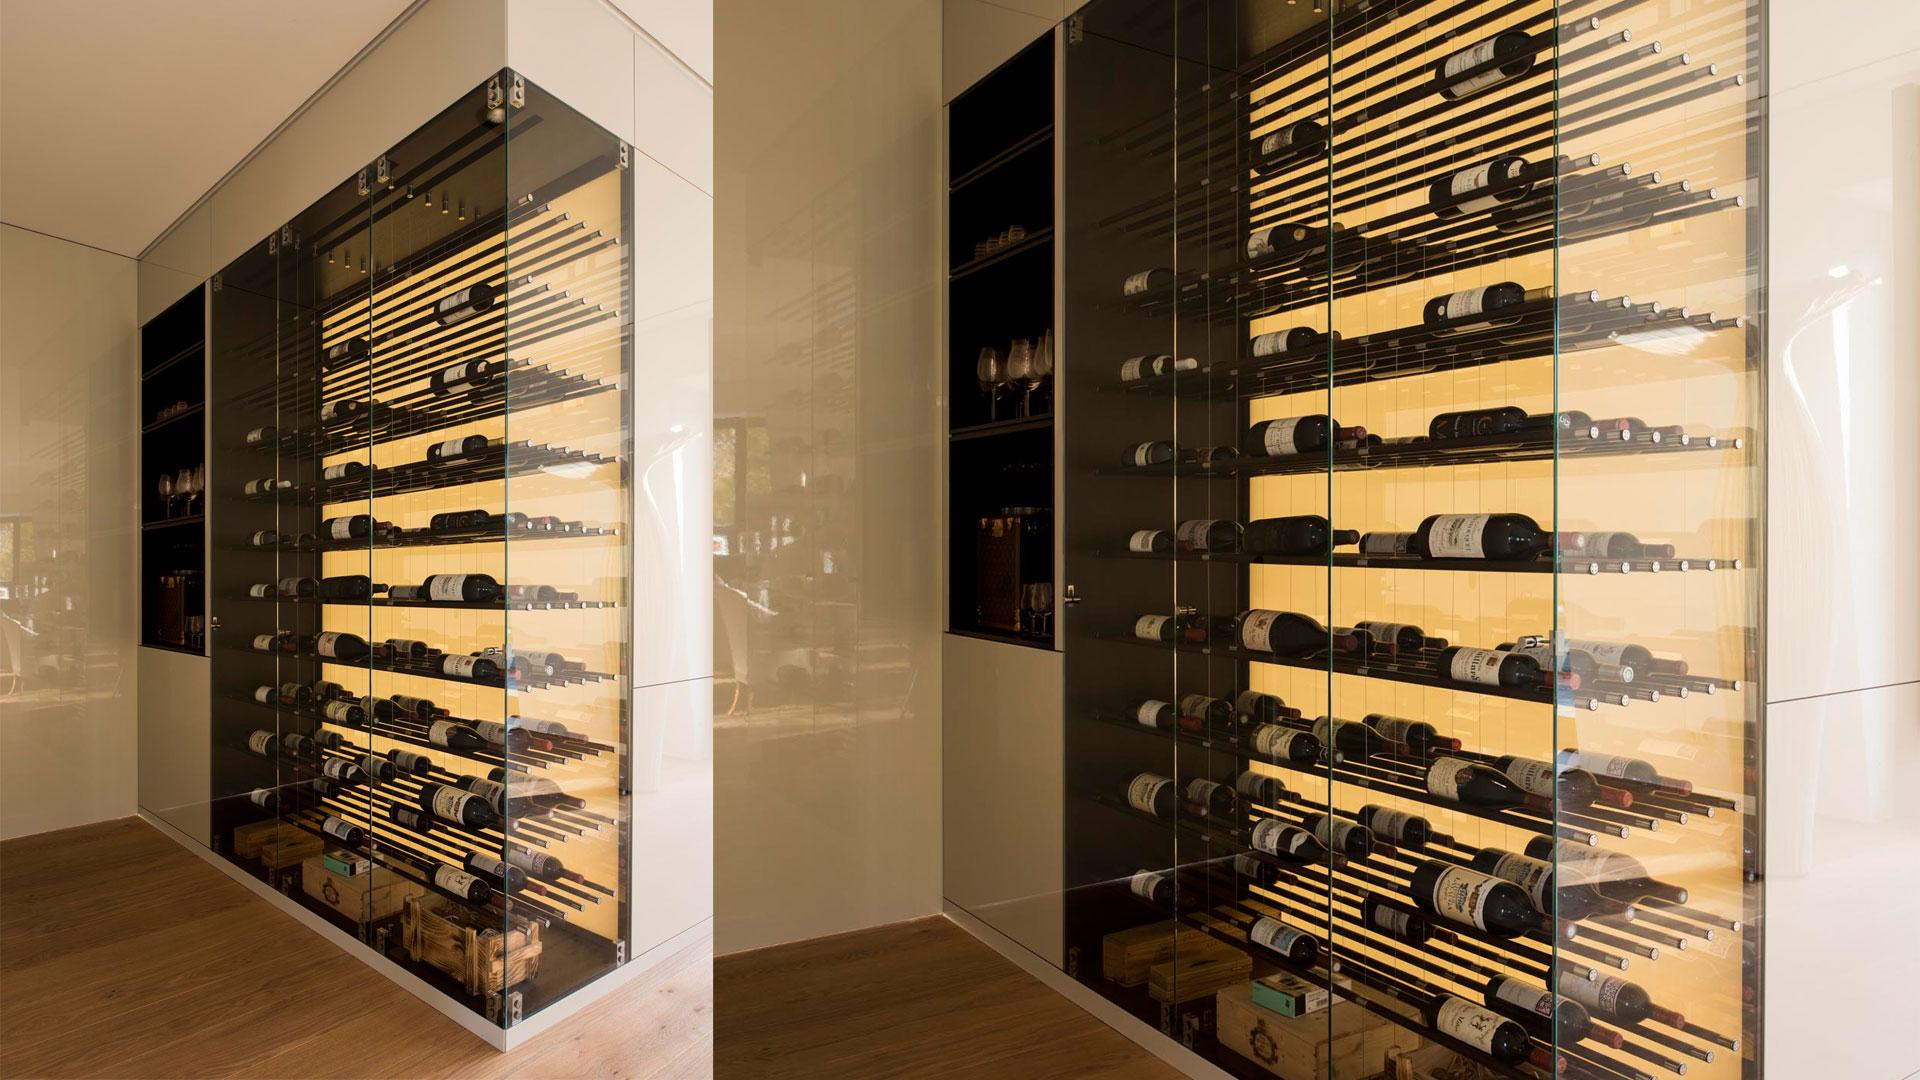 Full Size of Wein Regal Weinregale Selber Bauen Aus Holz Weinregal Pinterest Design Flammen Klein Schwarz Kare Vintage Schweiz Einfach Metall Modern Paletten Coop Palette Regal Wein Regal